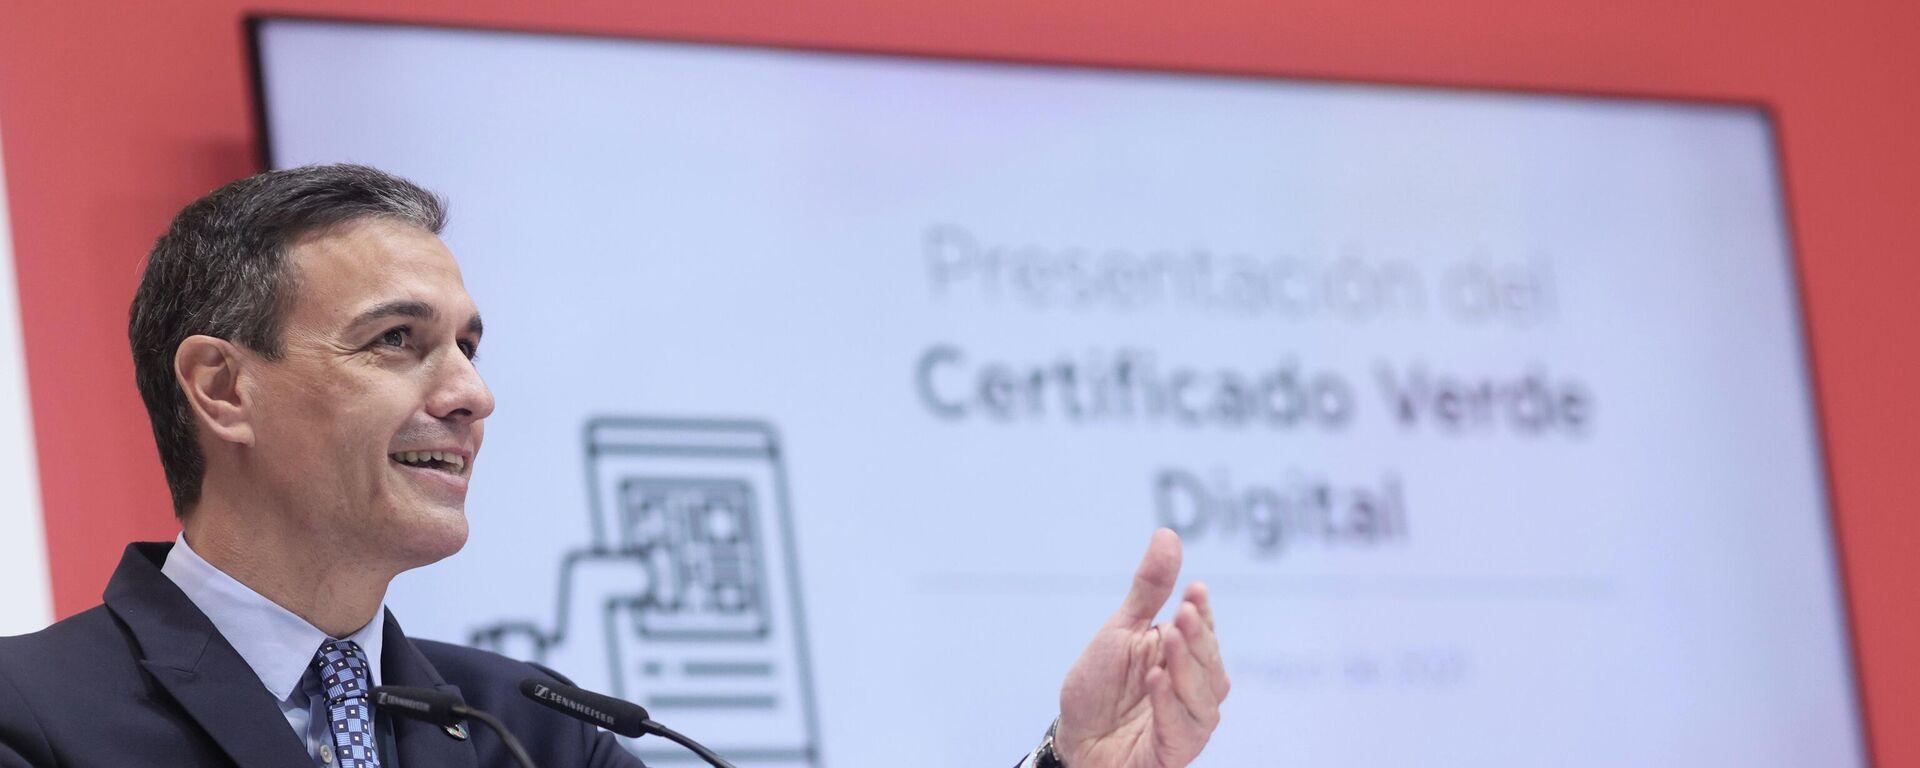 El presidente del Gobierno, Pedro Sánchez, en la presentación del certificado verde digital en Fitur - Sputnik Mundo, 1920, 21.05.2021